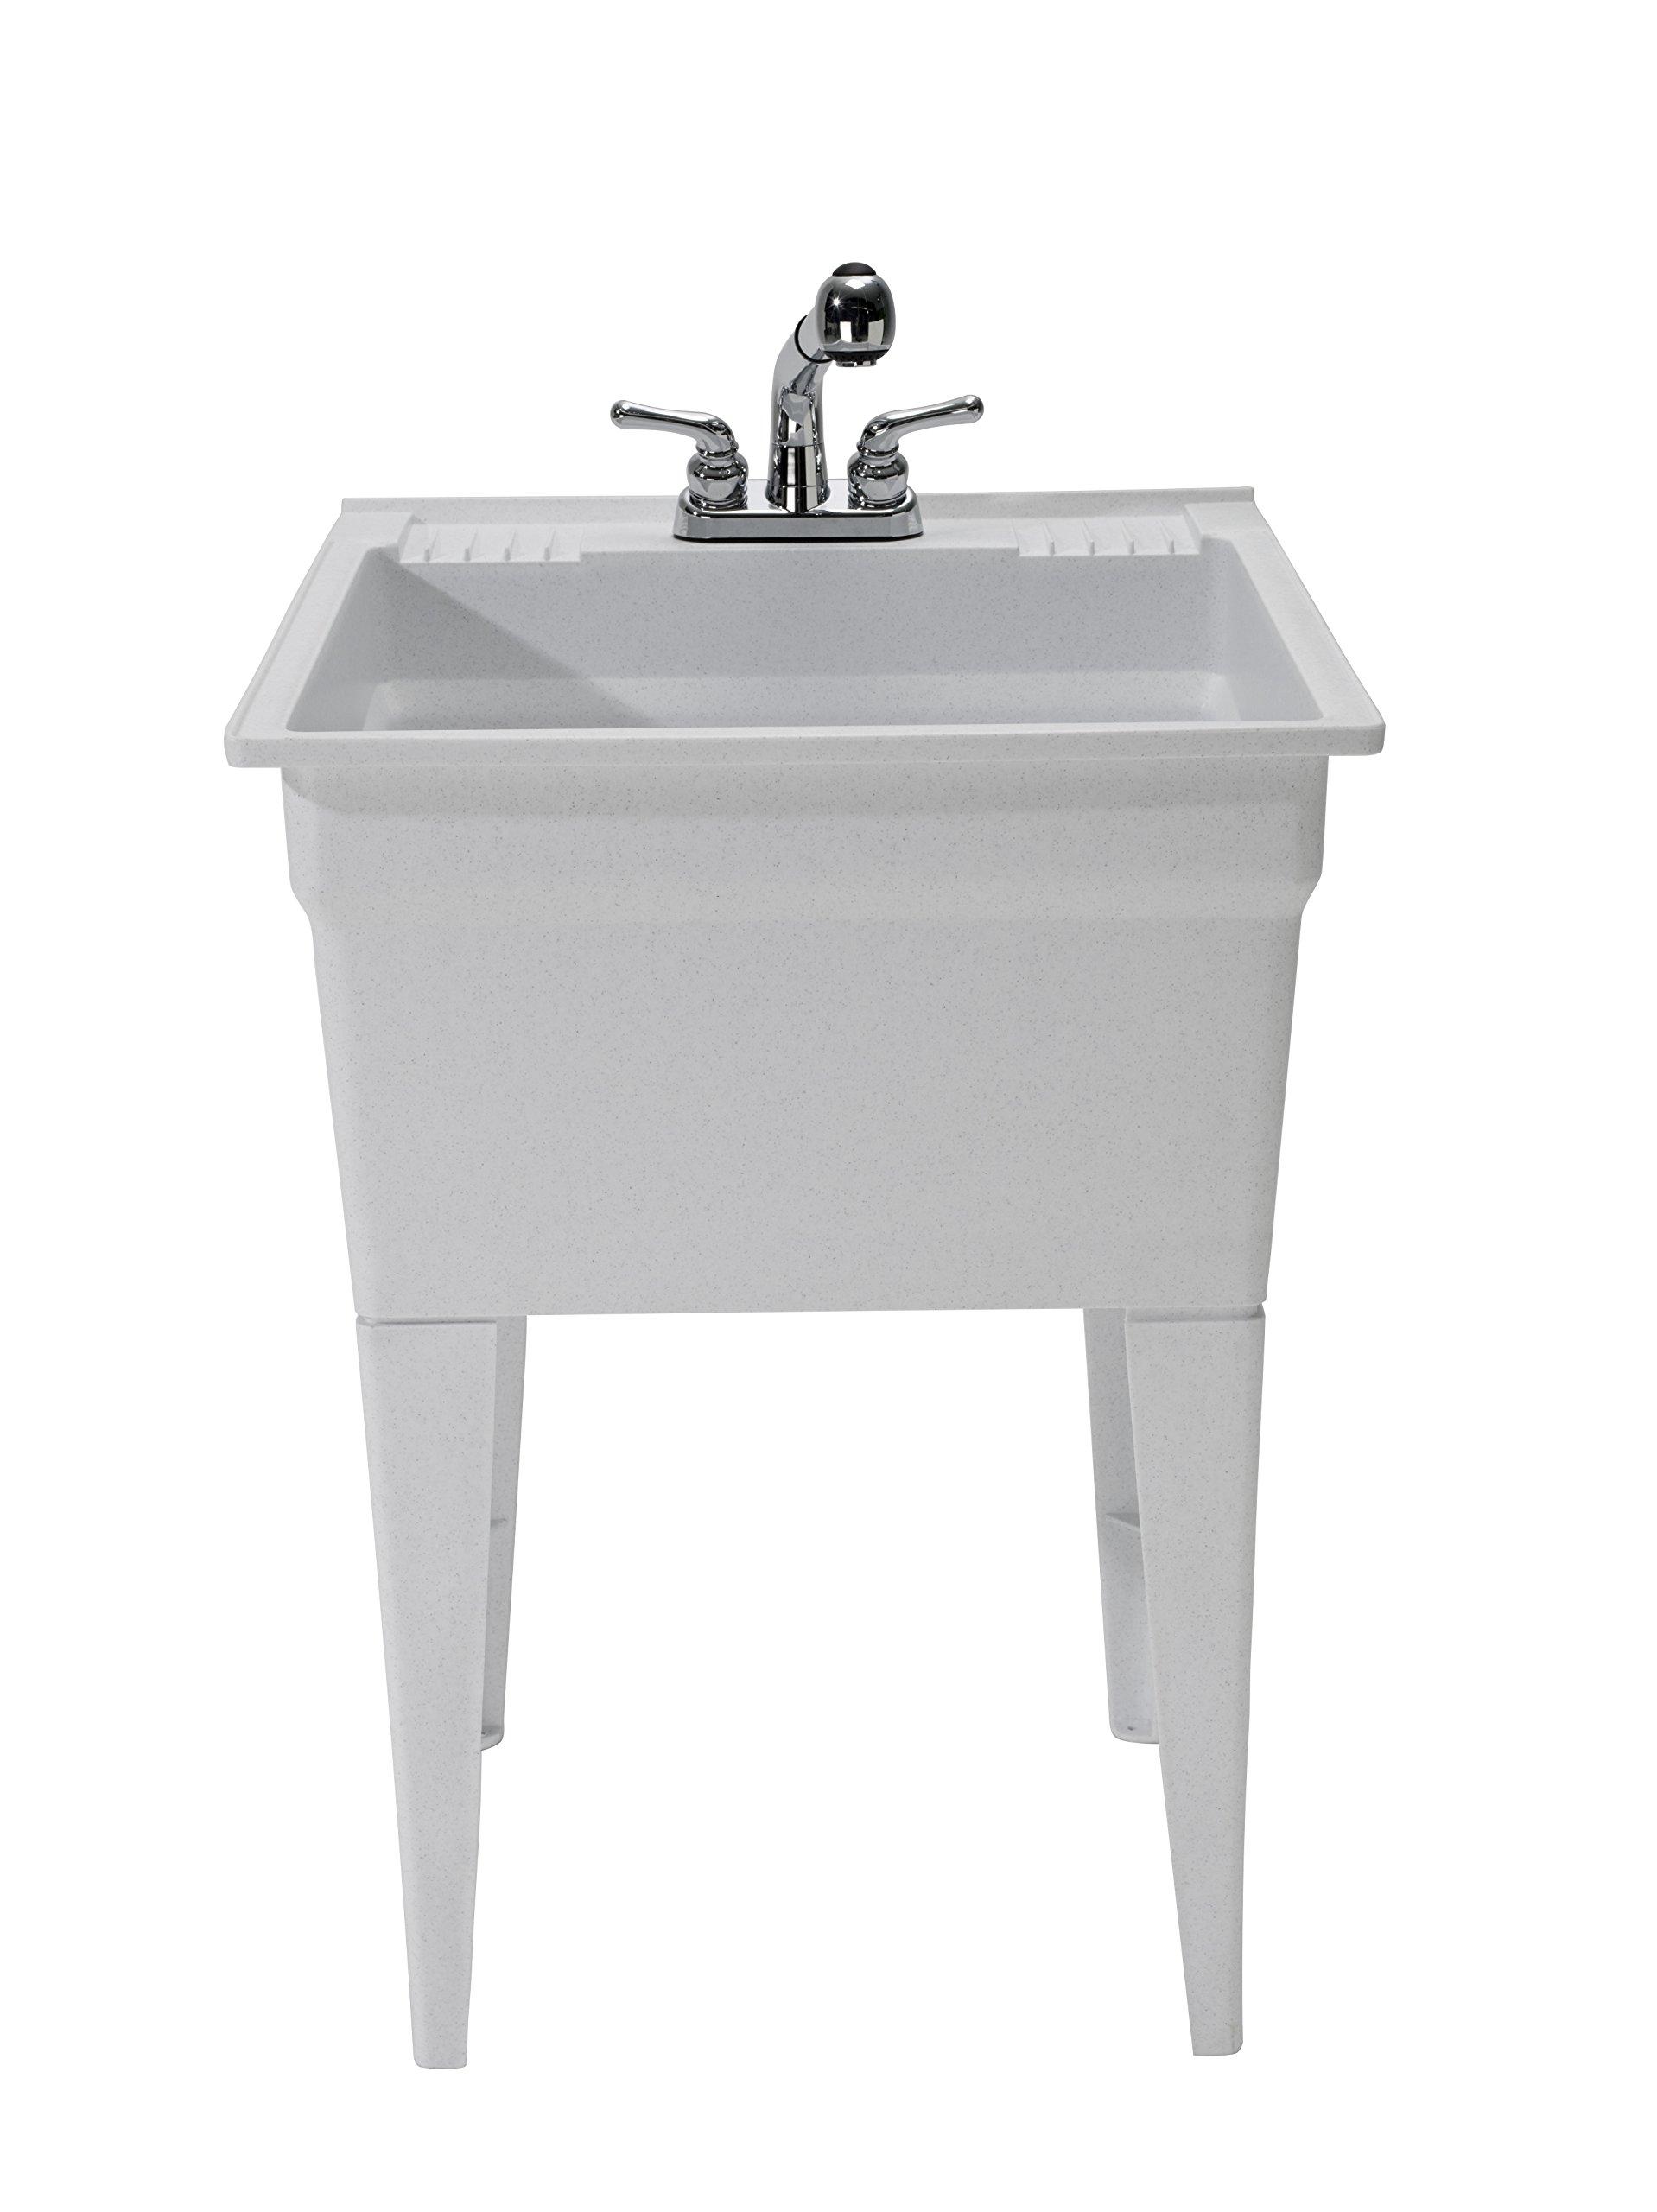 CASHEL 1960-32-02 Heavy Duty Sink - Fully Loaded Sink Kit, Granite by Cashel (Image #4)